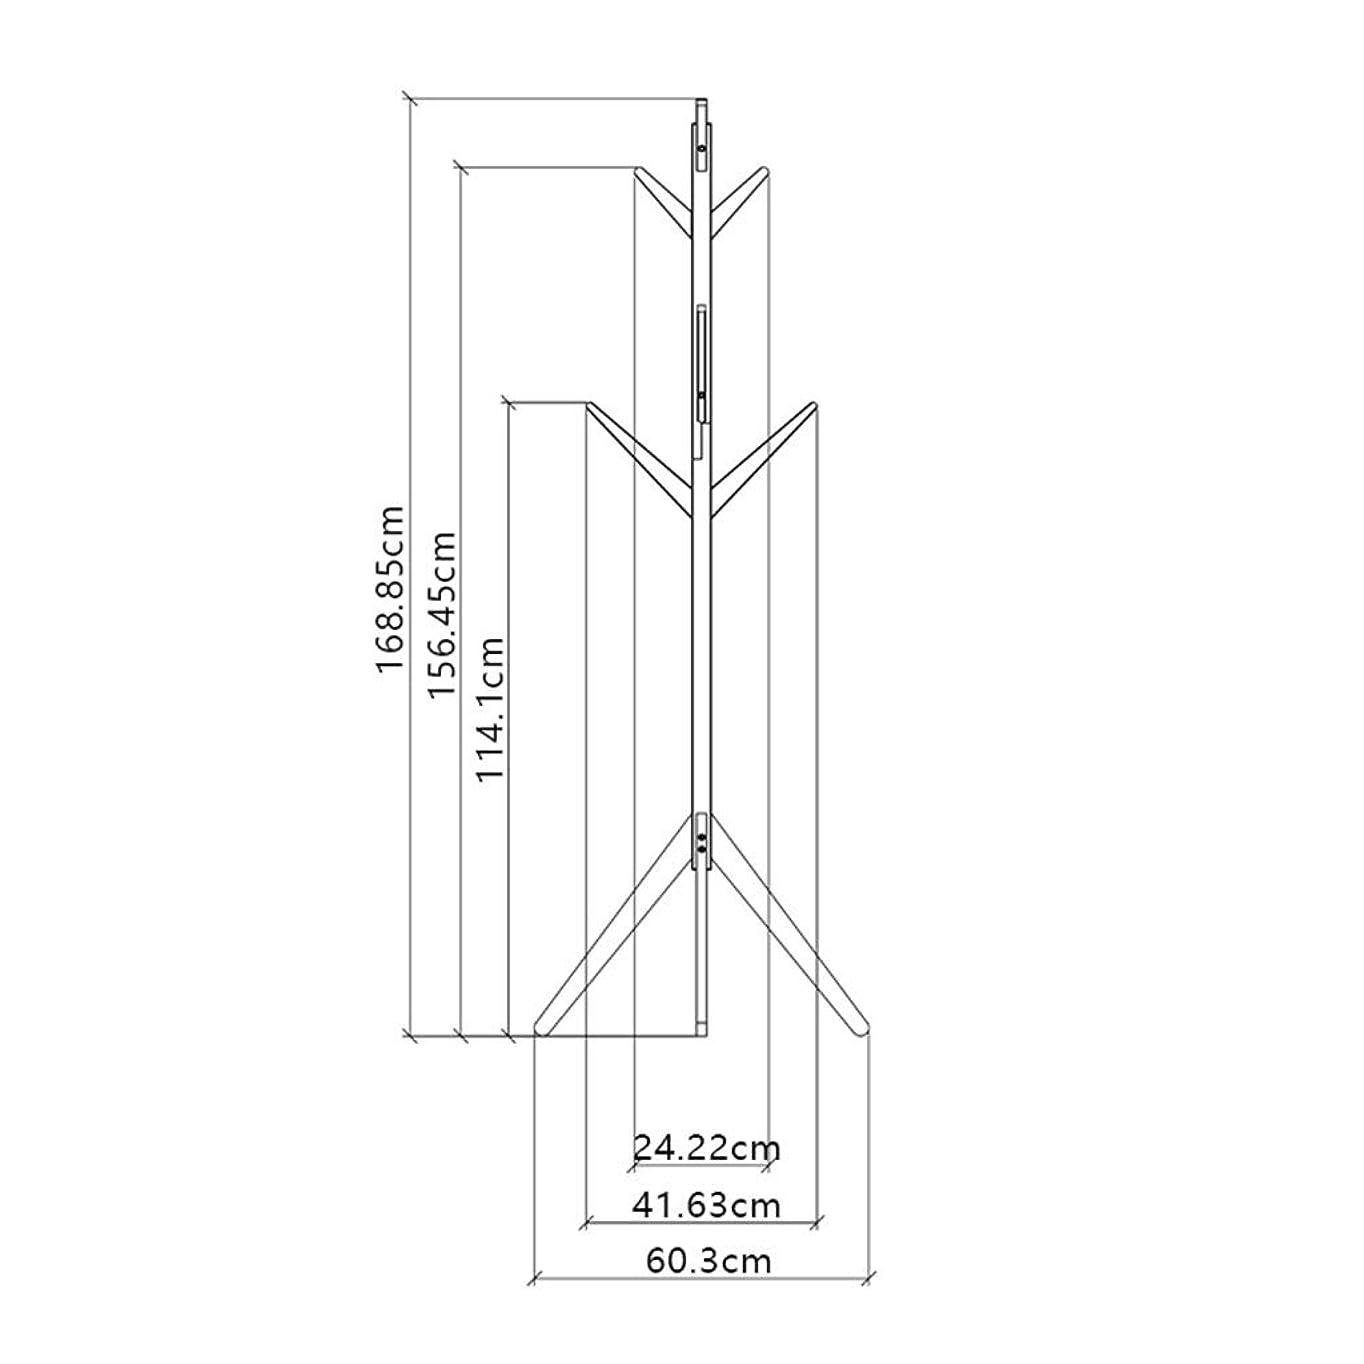 ありふれた原子炉閲覧するSN 木製コートラック 三脚サポート 高級スタンド 8フック アセンブリ 必須 フリースタンディング コートスタンド 廊下コート ハンガーハットスタンド ? ハンドバッグ用 (Color : A)